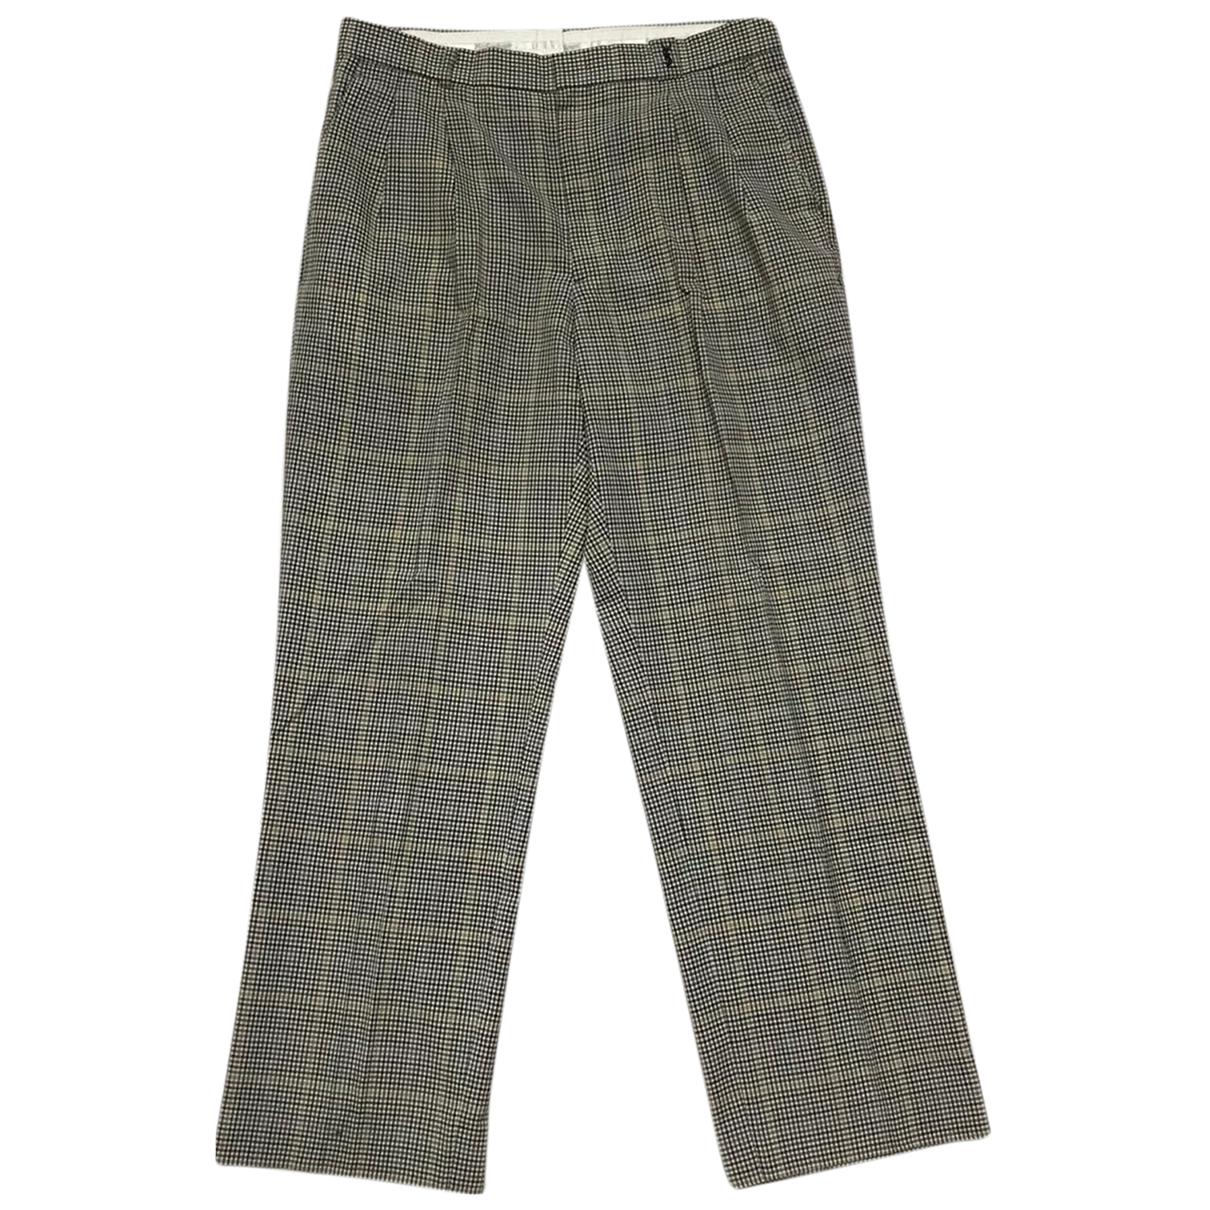 Yves Saint Laurent N Multicolour Cotton Trousers for Men 33 US